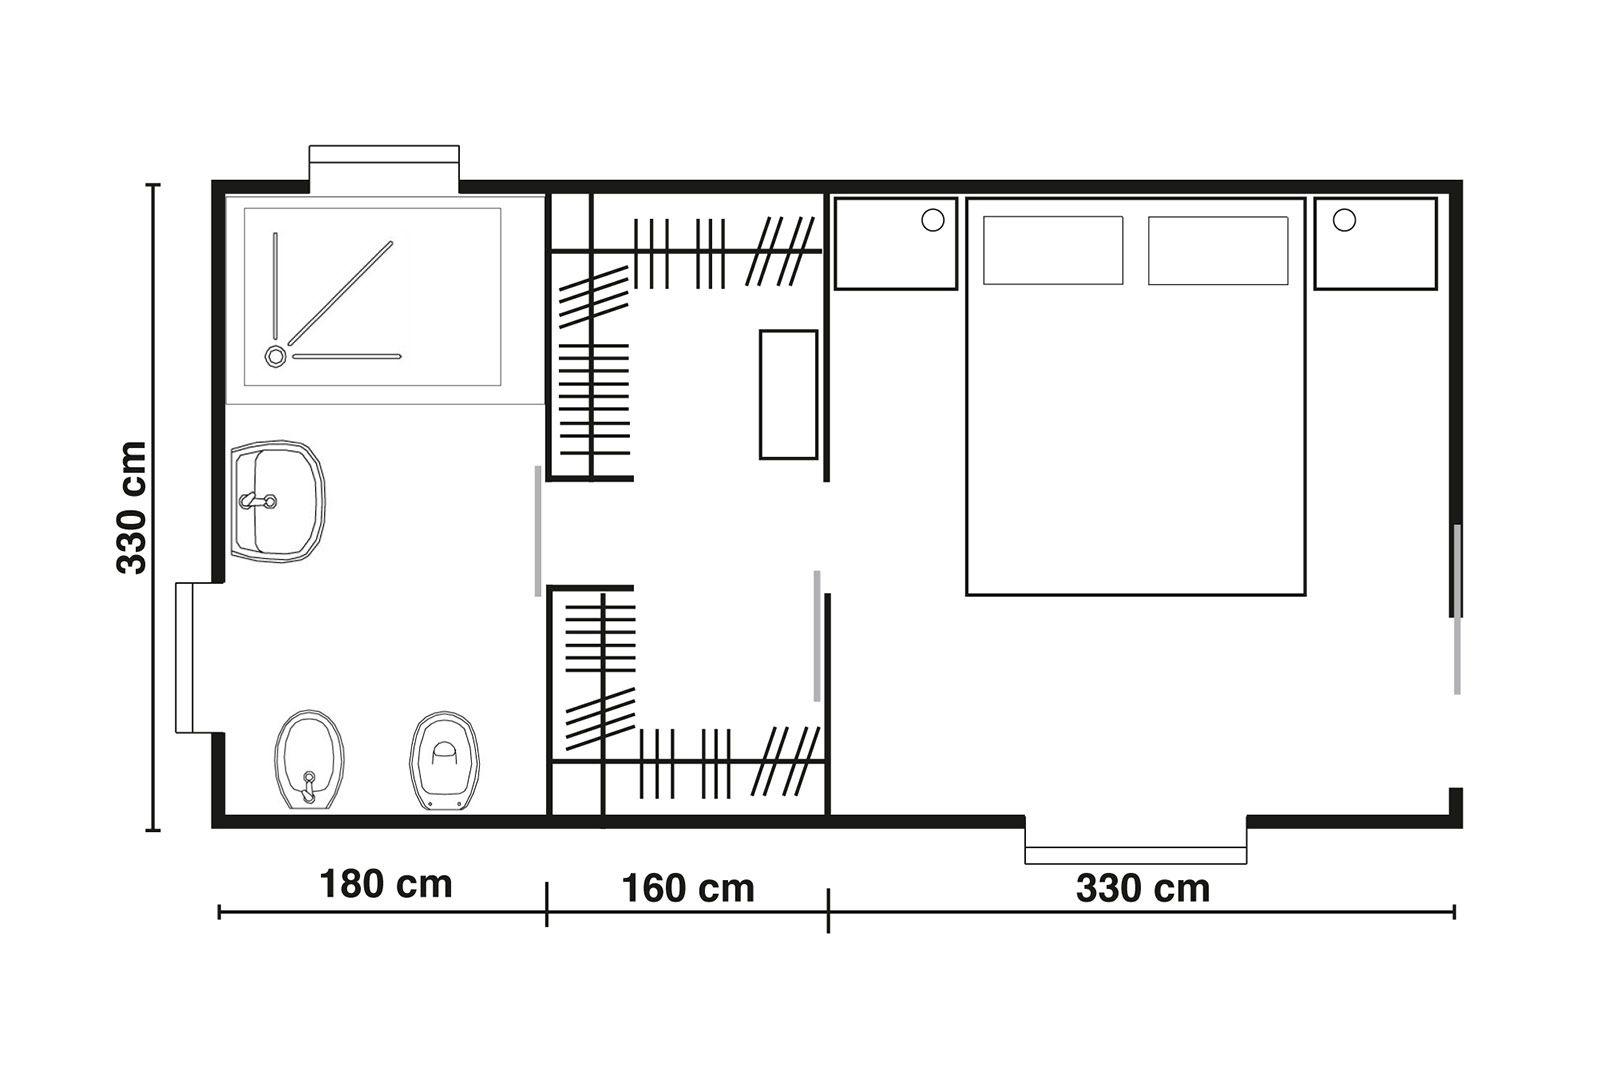 Cabine armadio. Progettiamo insieme lo spazio - Cose di Casa | For ...